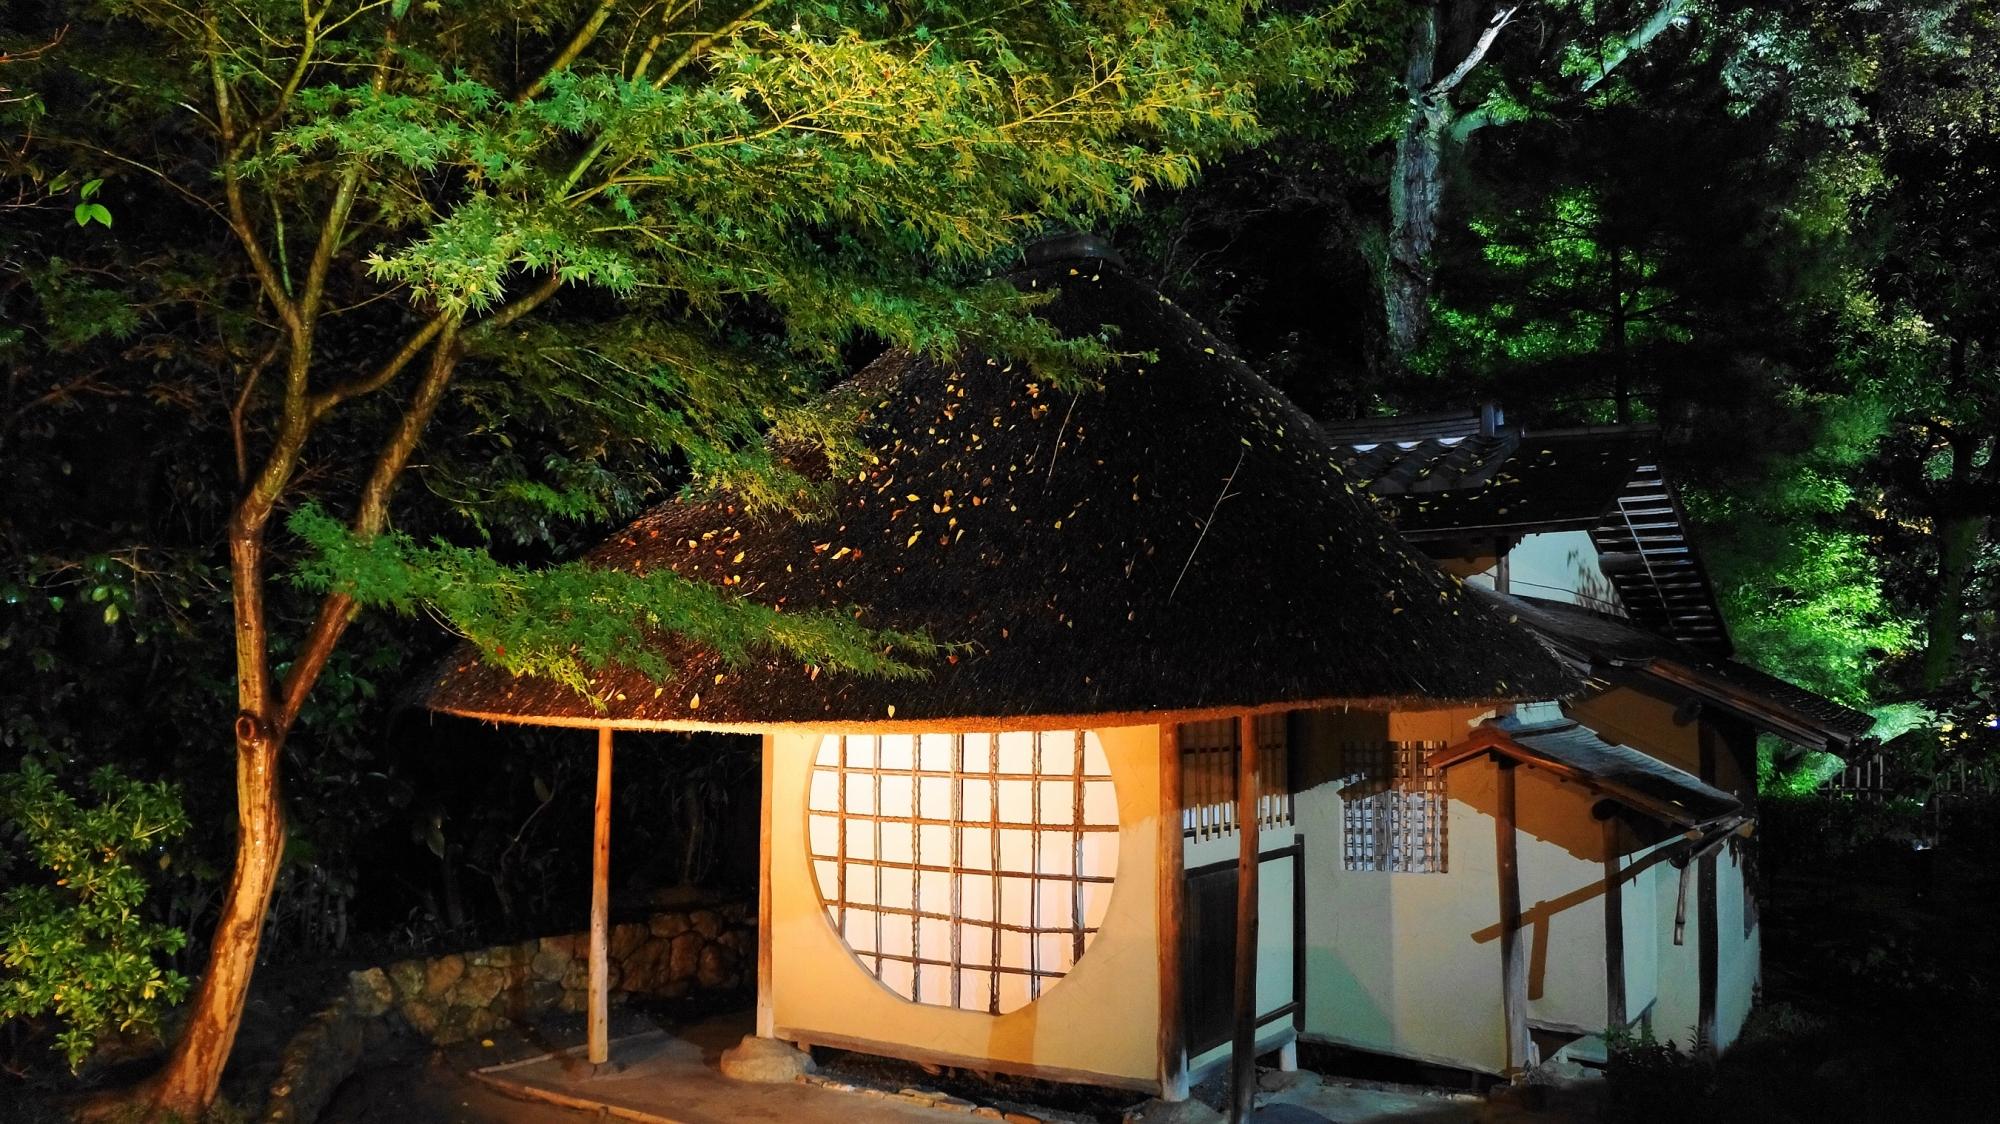 高台寺の遺芳庵のライトアップ